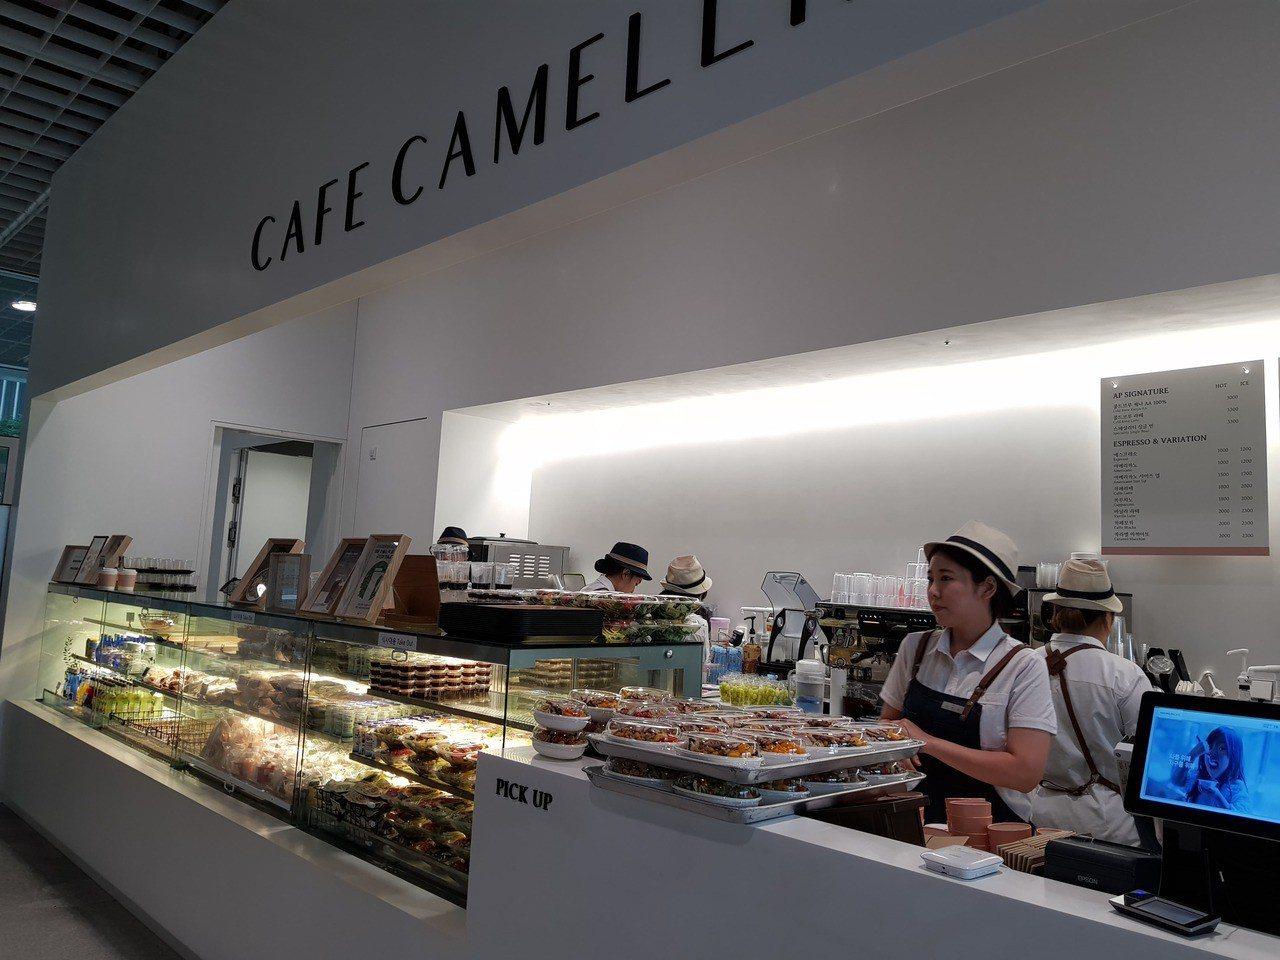 首爾愛茉莉太平洋總部的員工餐廳提供韓式、中式、西式等4種菜品午餐。記者陳立儀/攝...